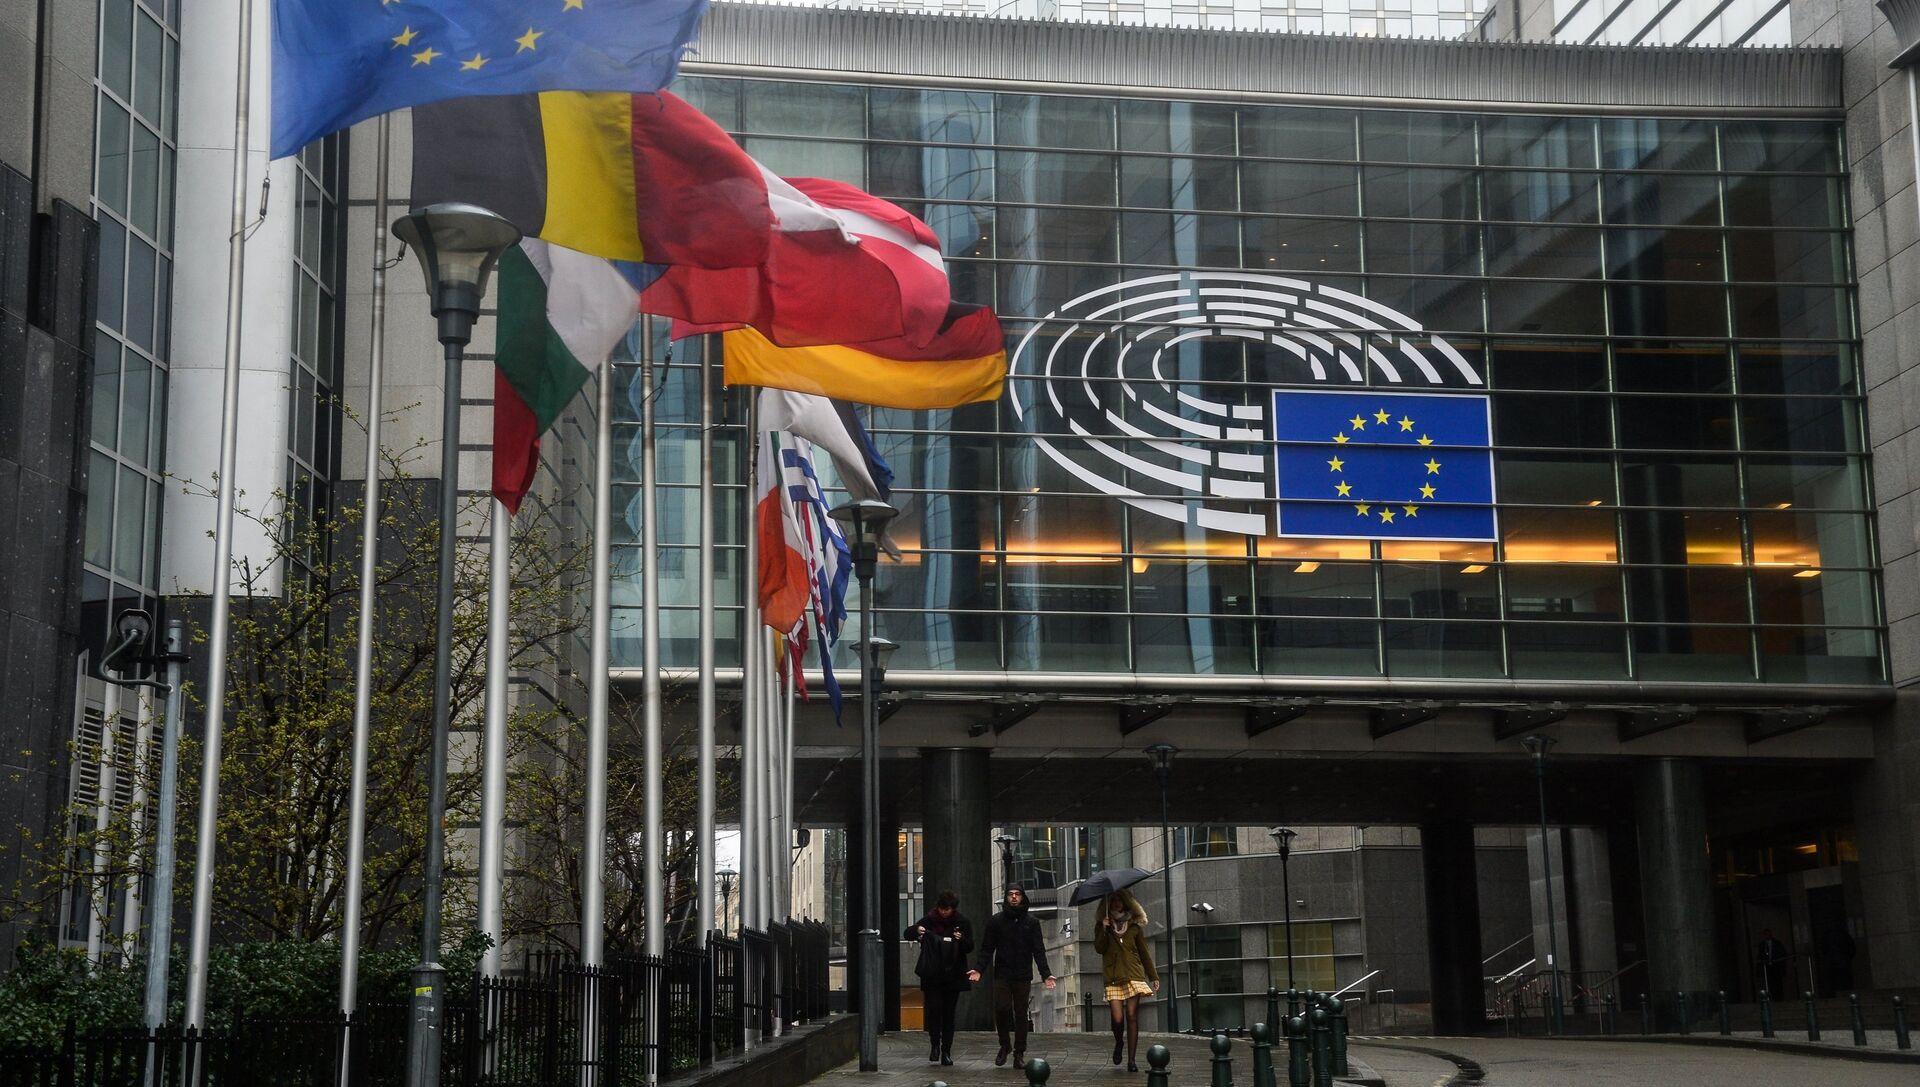 Здание Европейского парламента в Брюсселе - РИА Новости, 1920, 11.02.2021